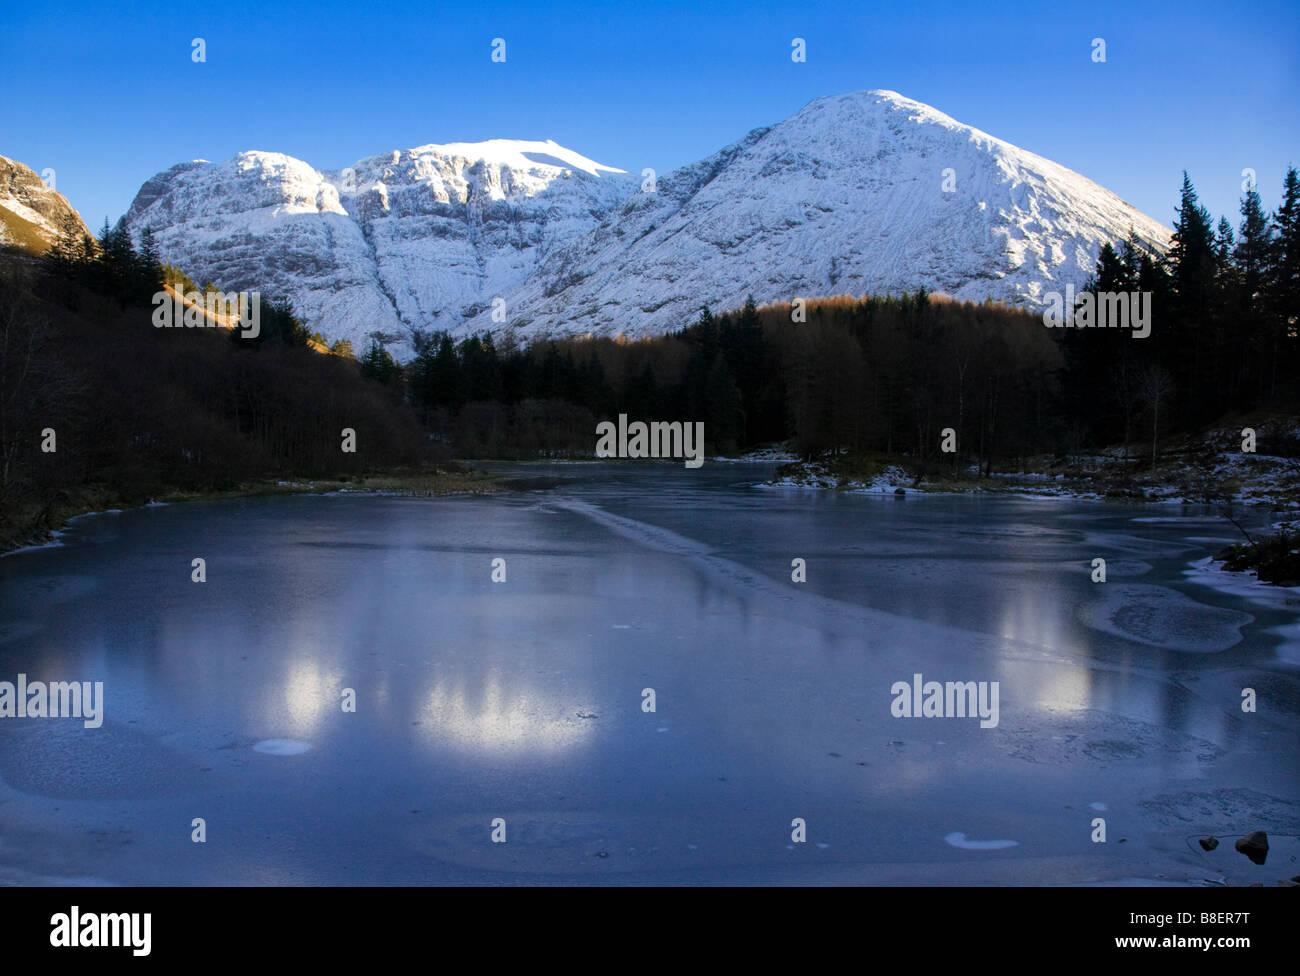 Una cubierta de nieve Bidean nam Bian y Lochan congelada en invierno, de Glen Coe, Lochaber, Escocia. Foto de stock